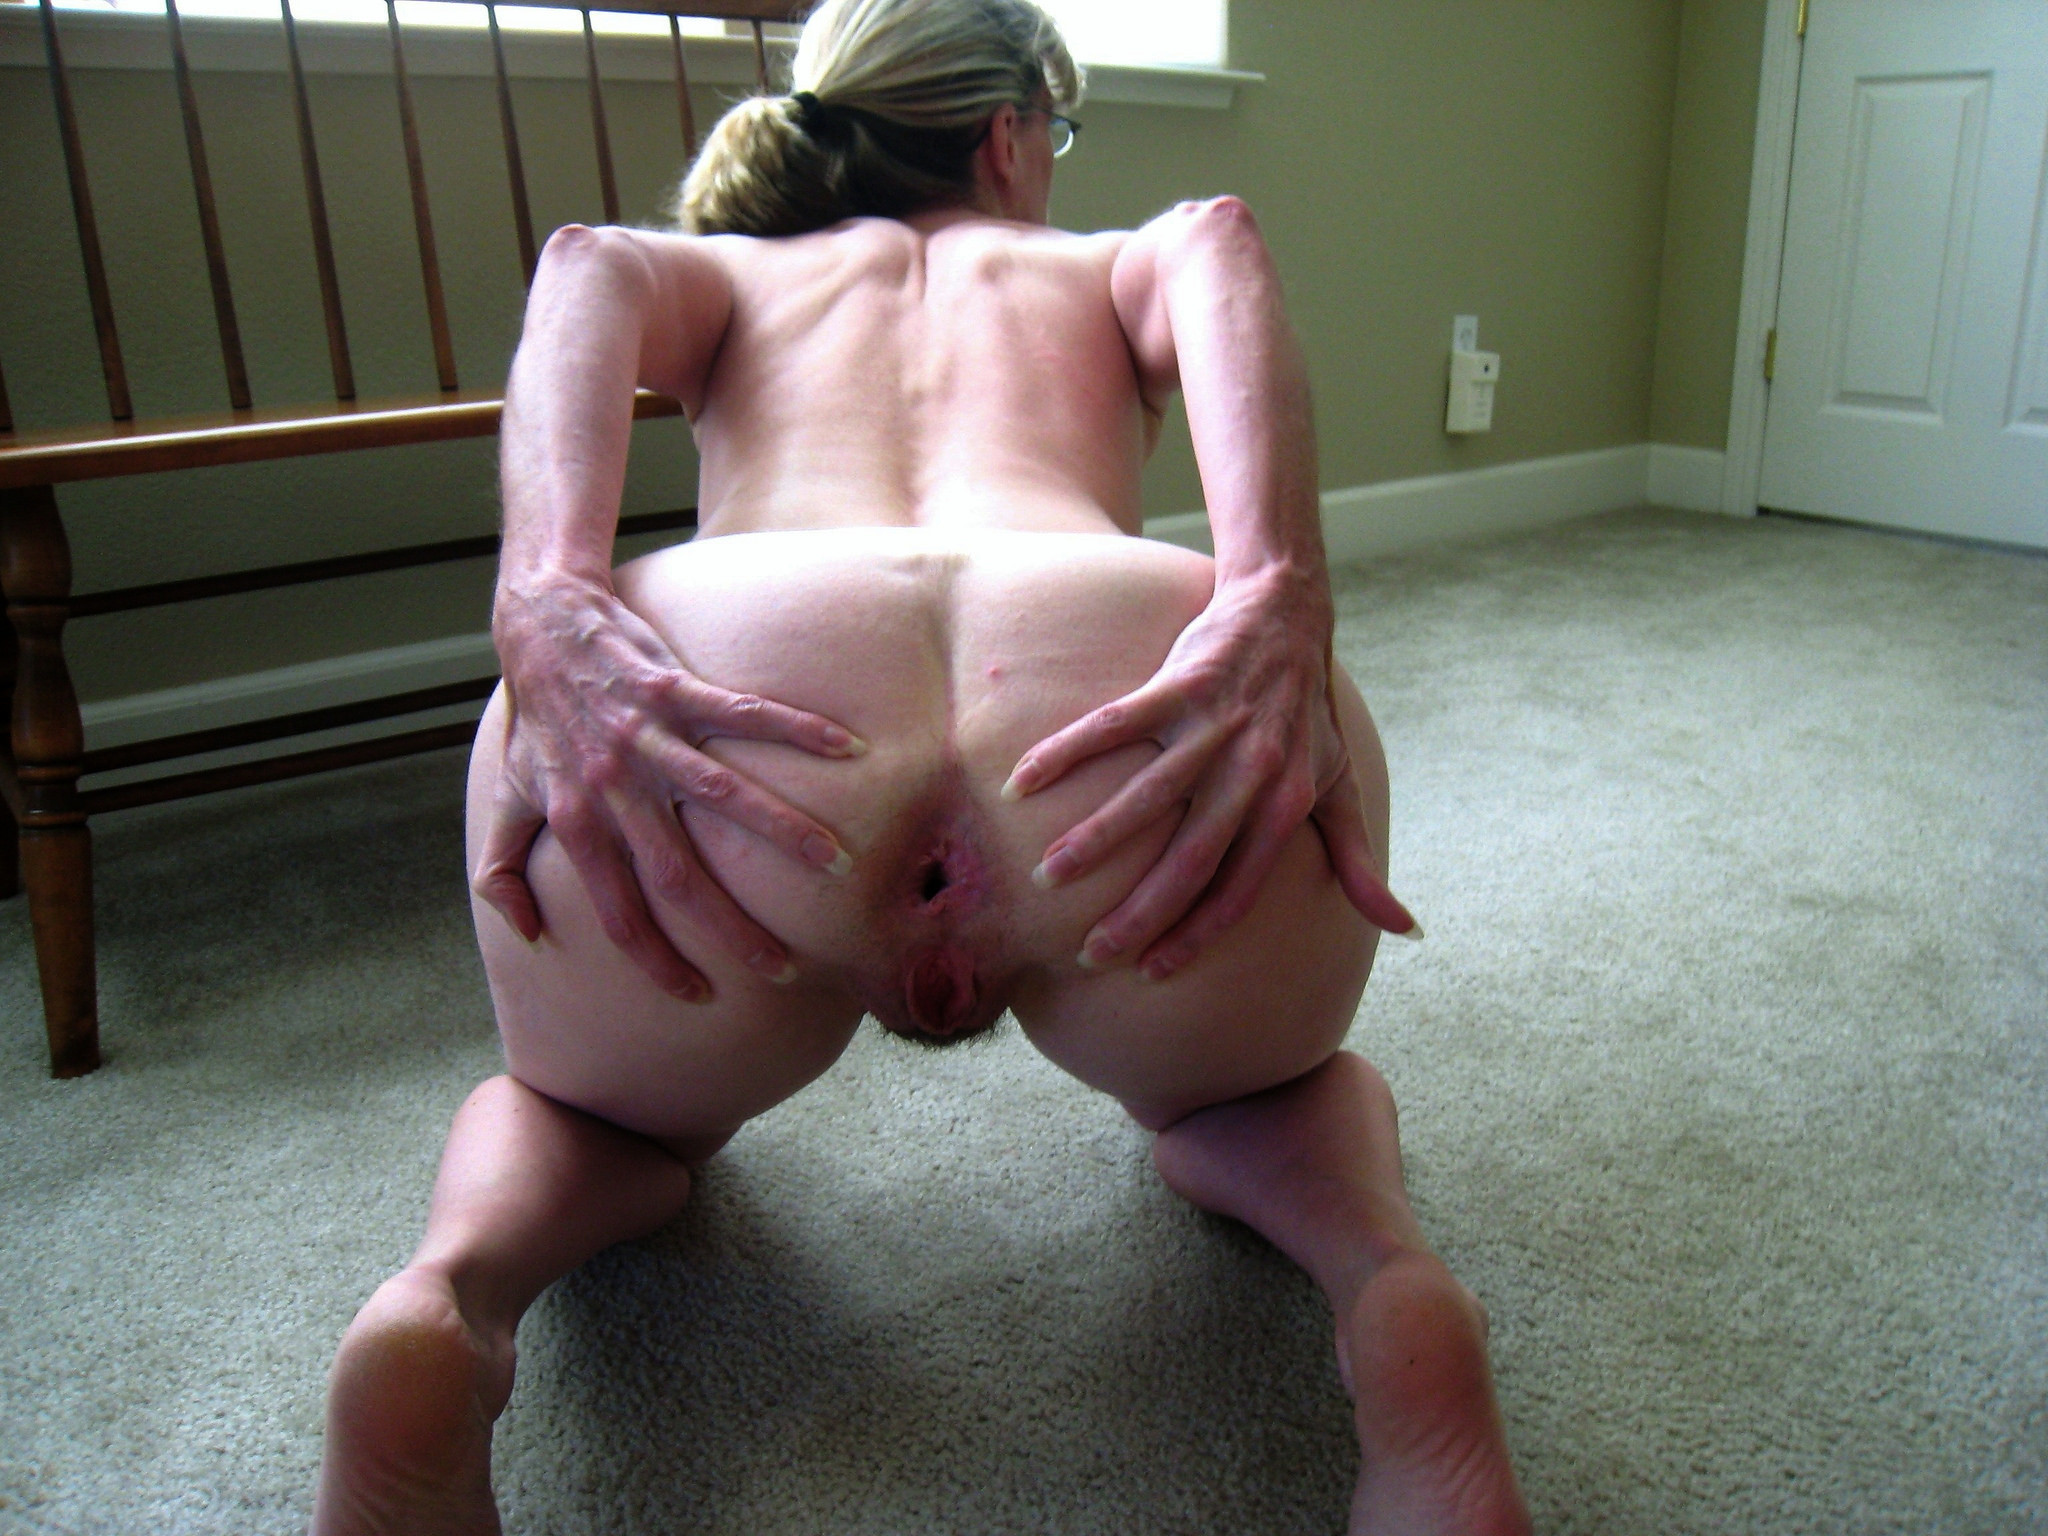 Старая толстая баба раздвинула ягодицы чтоб ее трахнули в очко